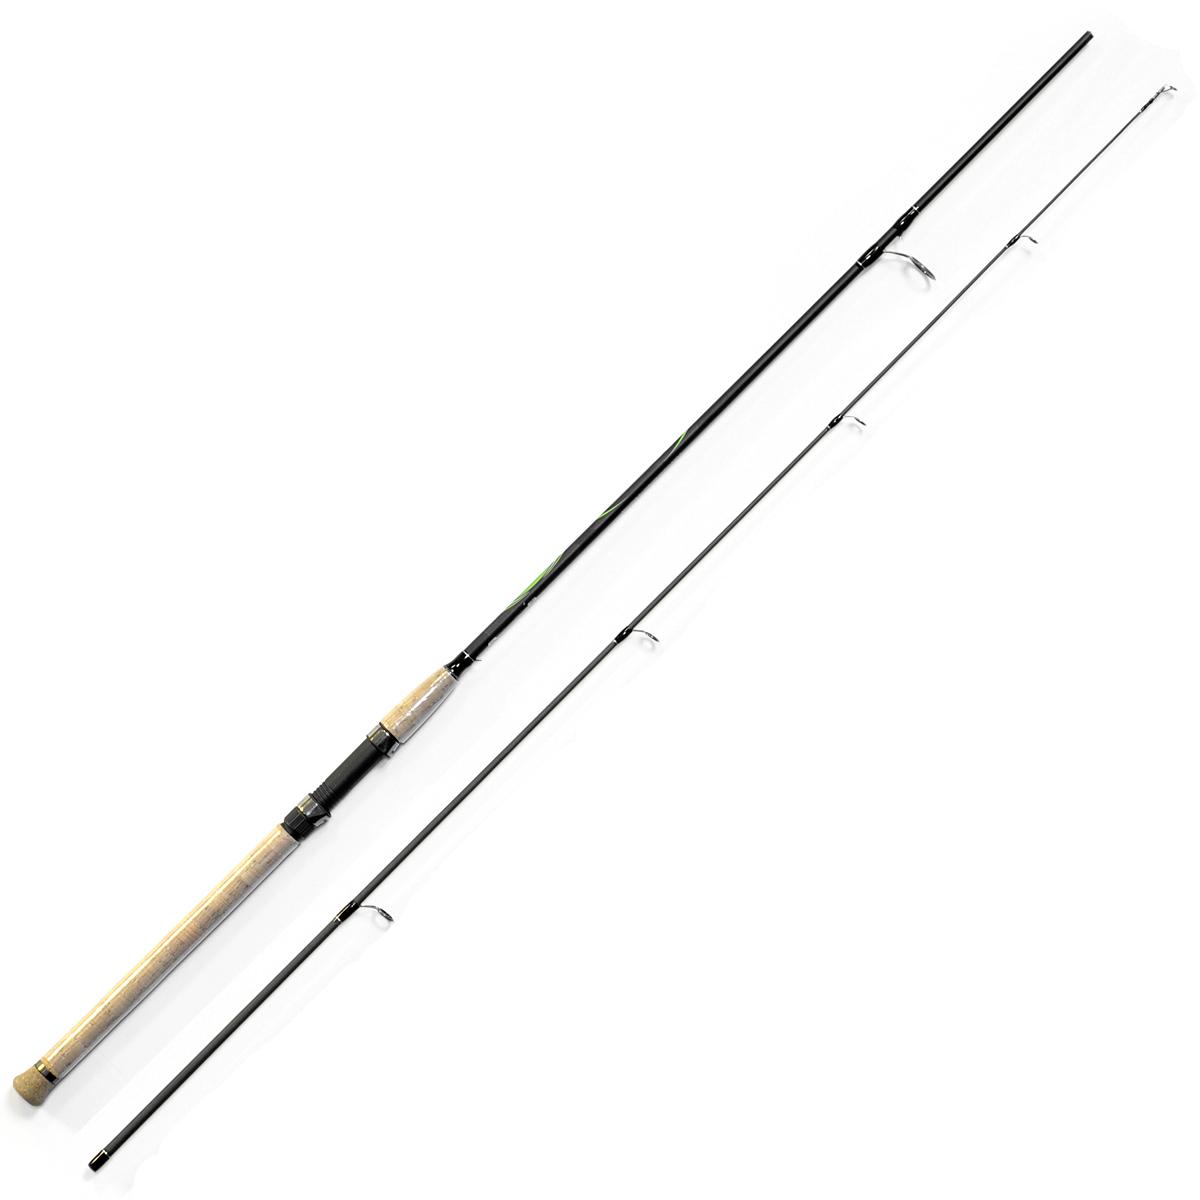 Спиннинг Salmo Sniper SPIN 20 2.10/ML, длина 2,1м, 5-20гPGPS7797CIS08GBNVУниверсальный спиннинг средне-быстрого строя для ловли на различные приманки, изготовленный из композита. Бланк спиннинга укомплектован облегченными кольцами, на высоких ножках со вставками SIC и элегантной рукояткой с пробковым покрытием и облегченным буфером на торце. Соединение колен спиннинга по типу OVER STEEK. Все спиннинги имеют один тест: 5–20 г.- Материал бланка удилища - композит- Строй бланка средне-быстрый- Класс спиннинга ML- Конструкция штекерная- Соединение колен типа OVER STEEK- Кольца пропускные:– облегченные большое– со вставками SIC– с расстановкой по классической концепции- Рукоятка:– пробковая- Катушкодержатель:– винтового типа- Проволочная петля для закрепления приманок